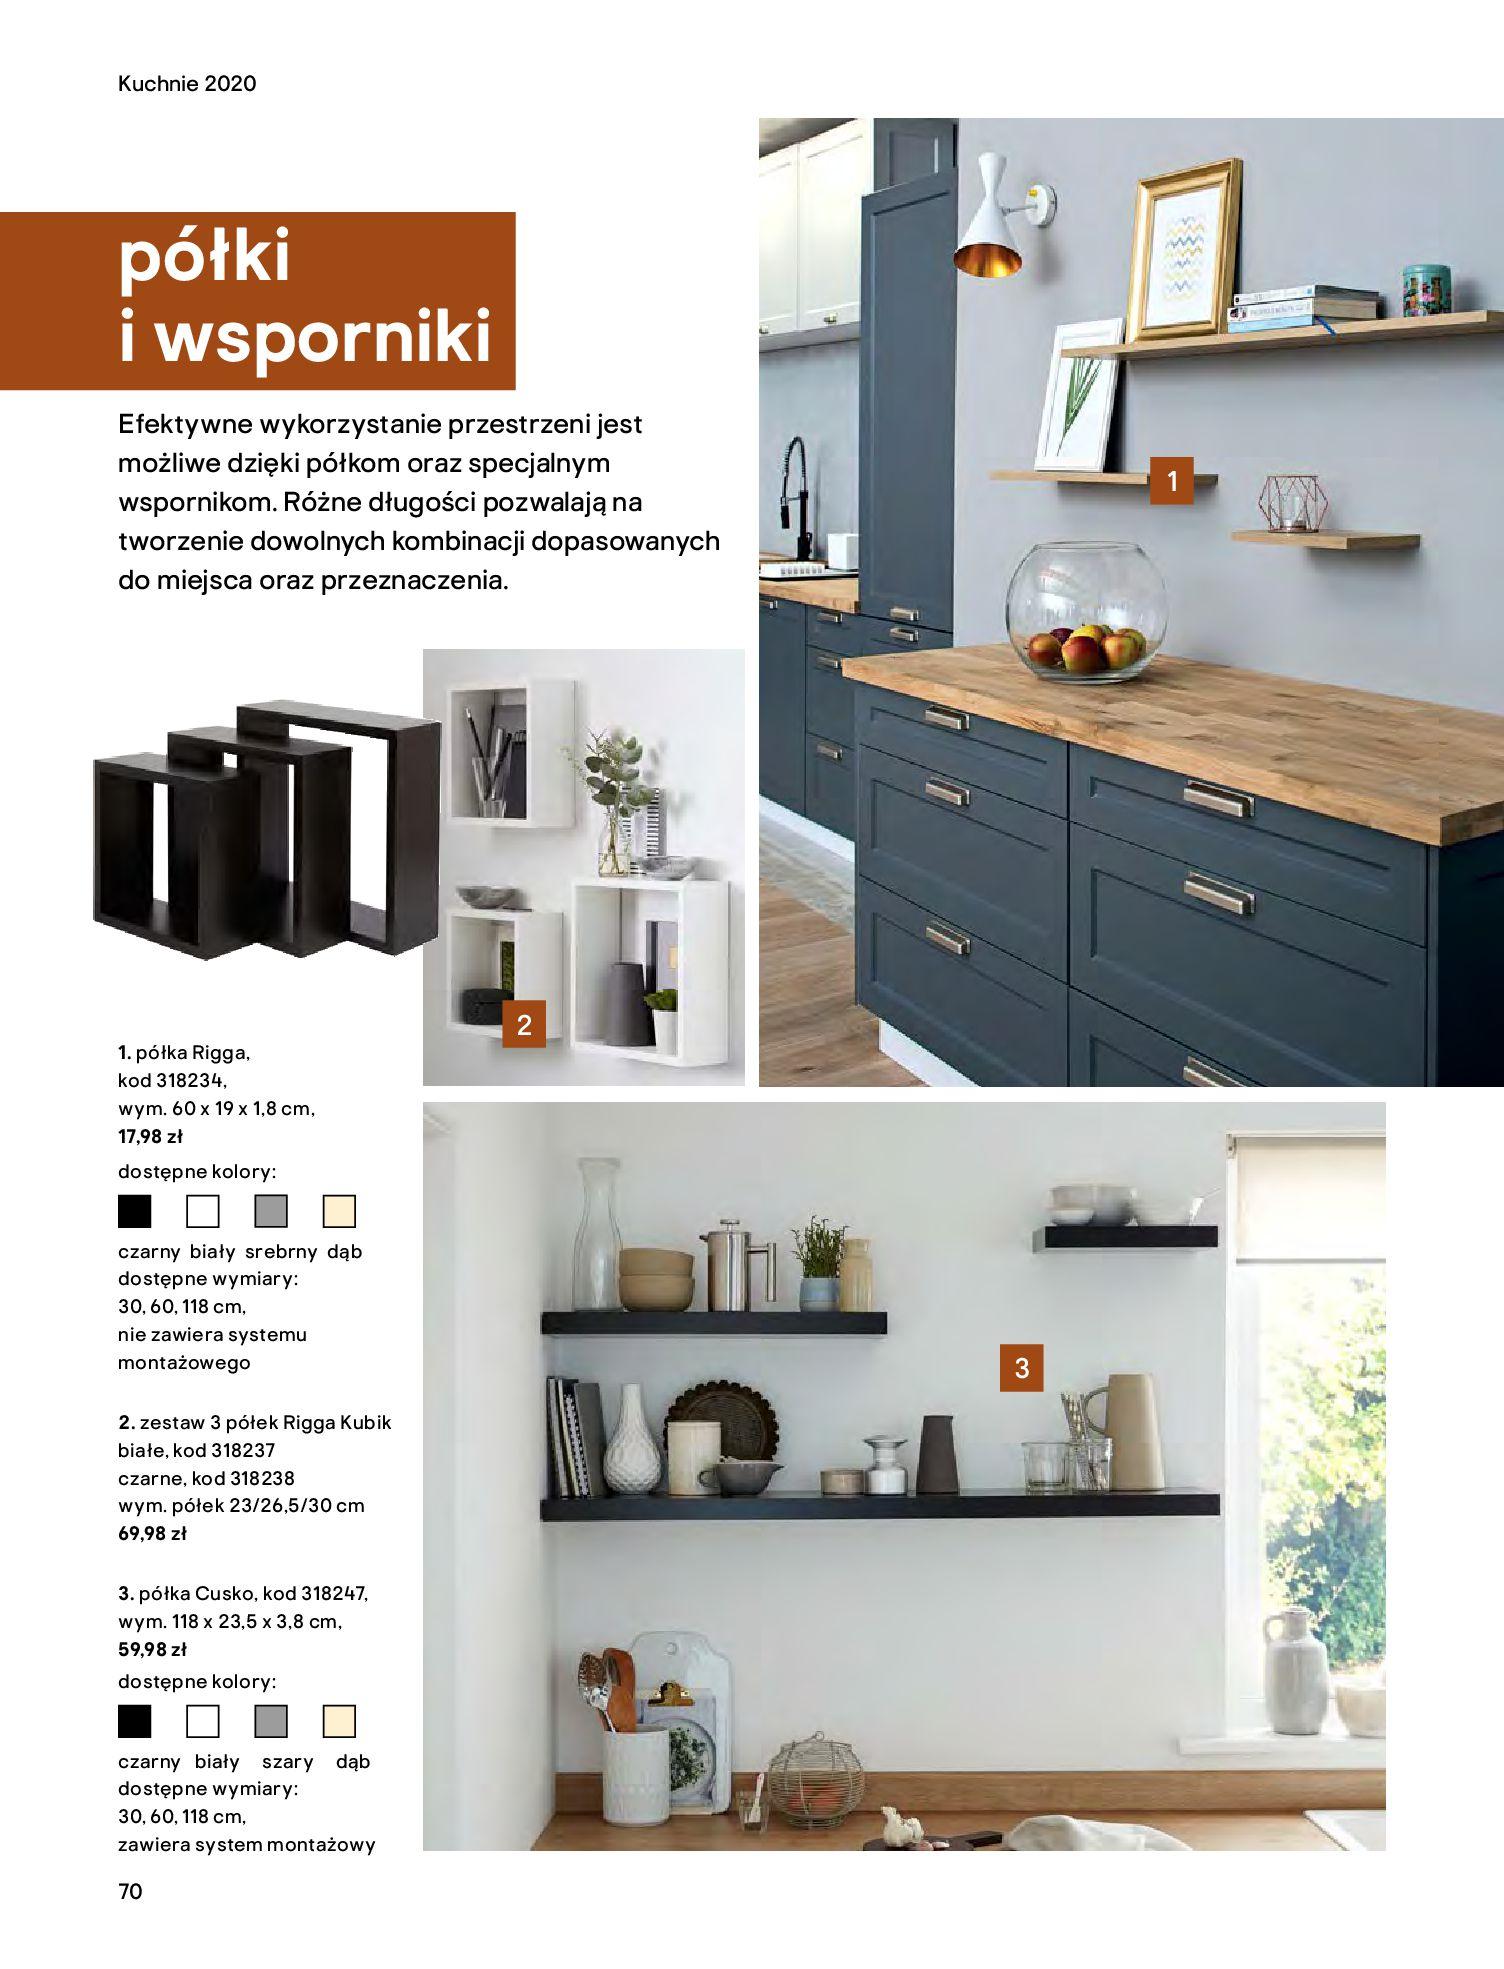 Gazetka Castorama - Katalog Kuchnie 2020-14.04.2020-31.12.2020-page-70